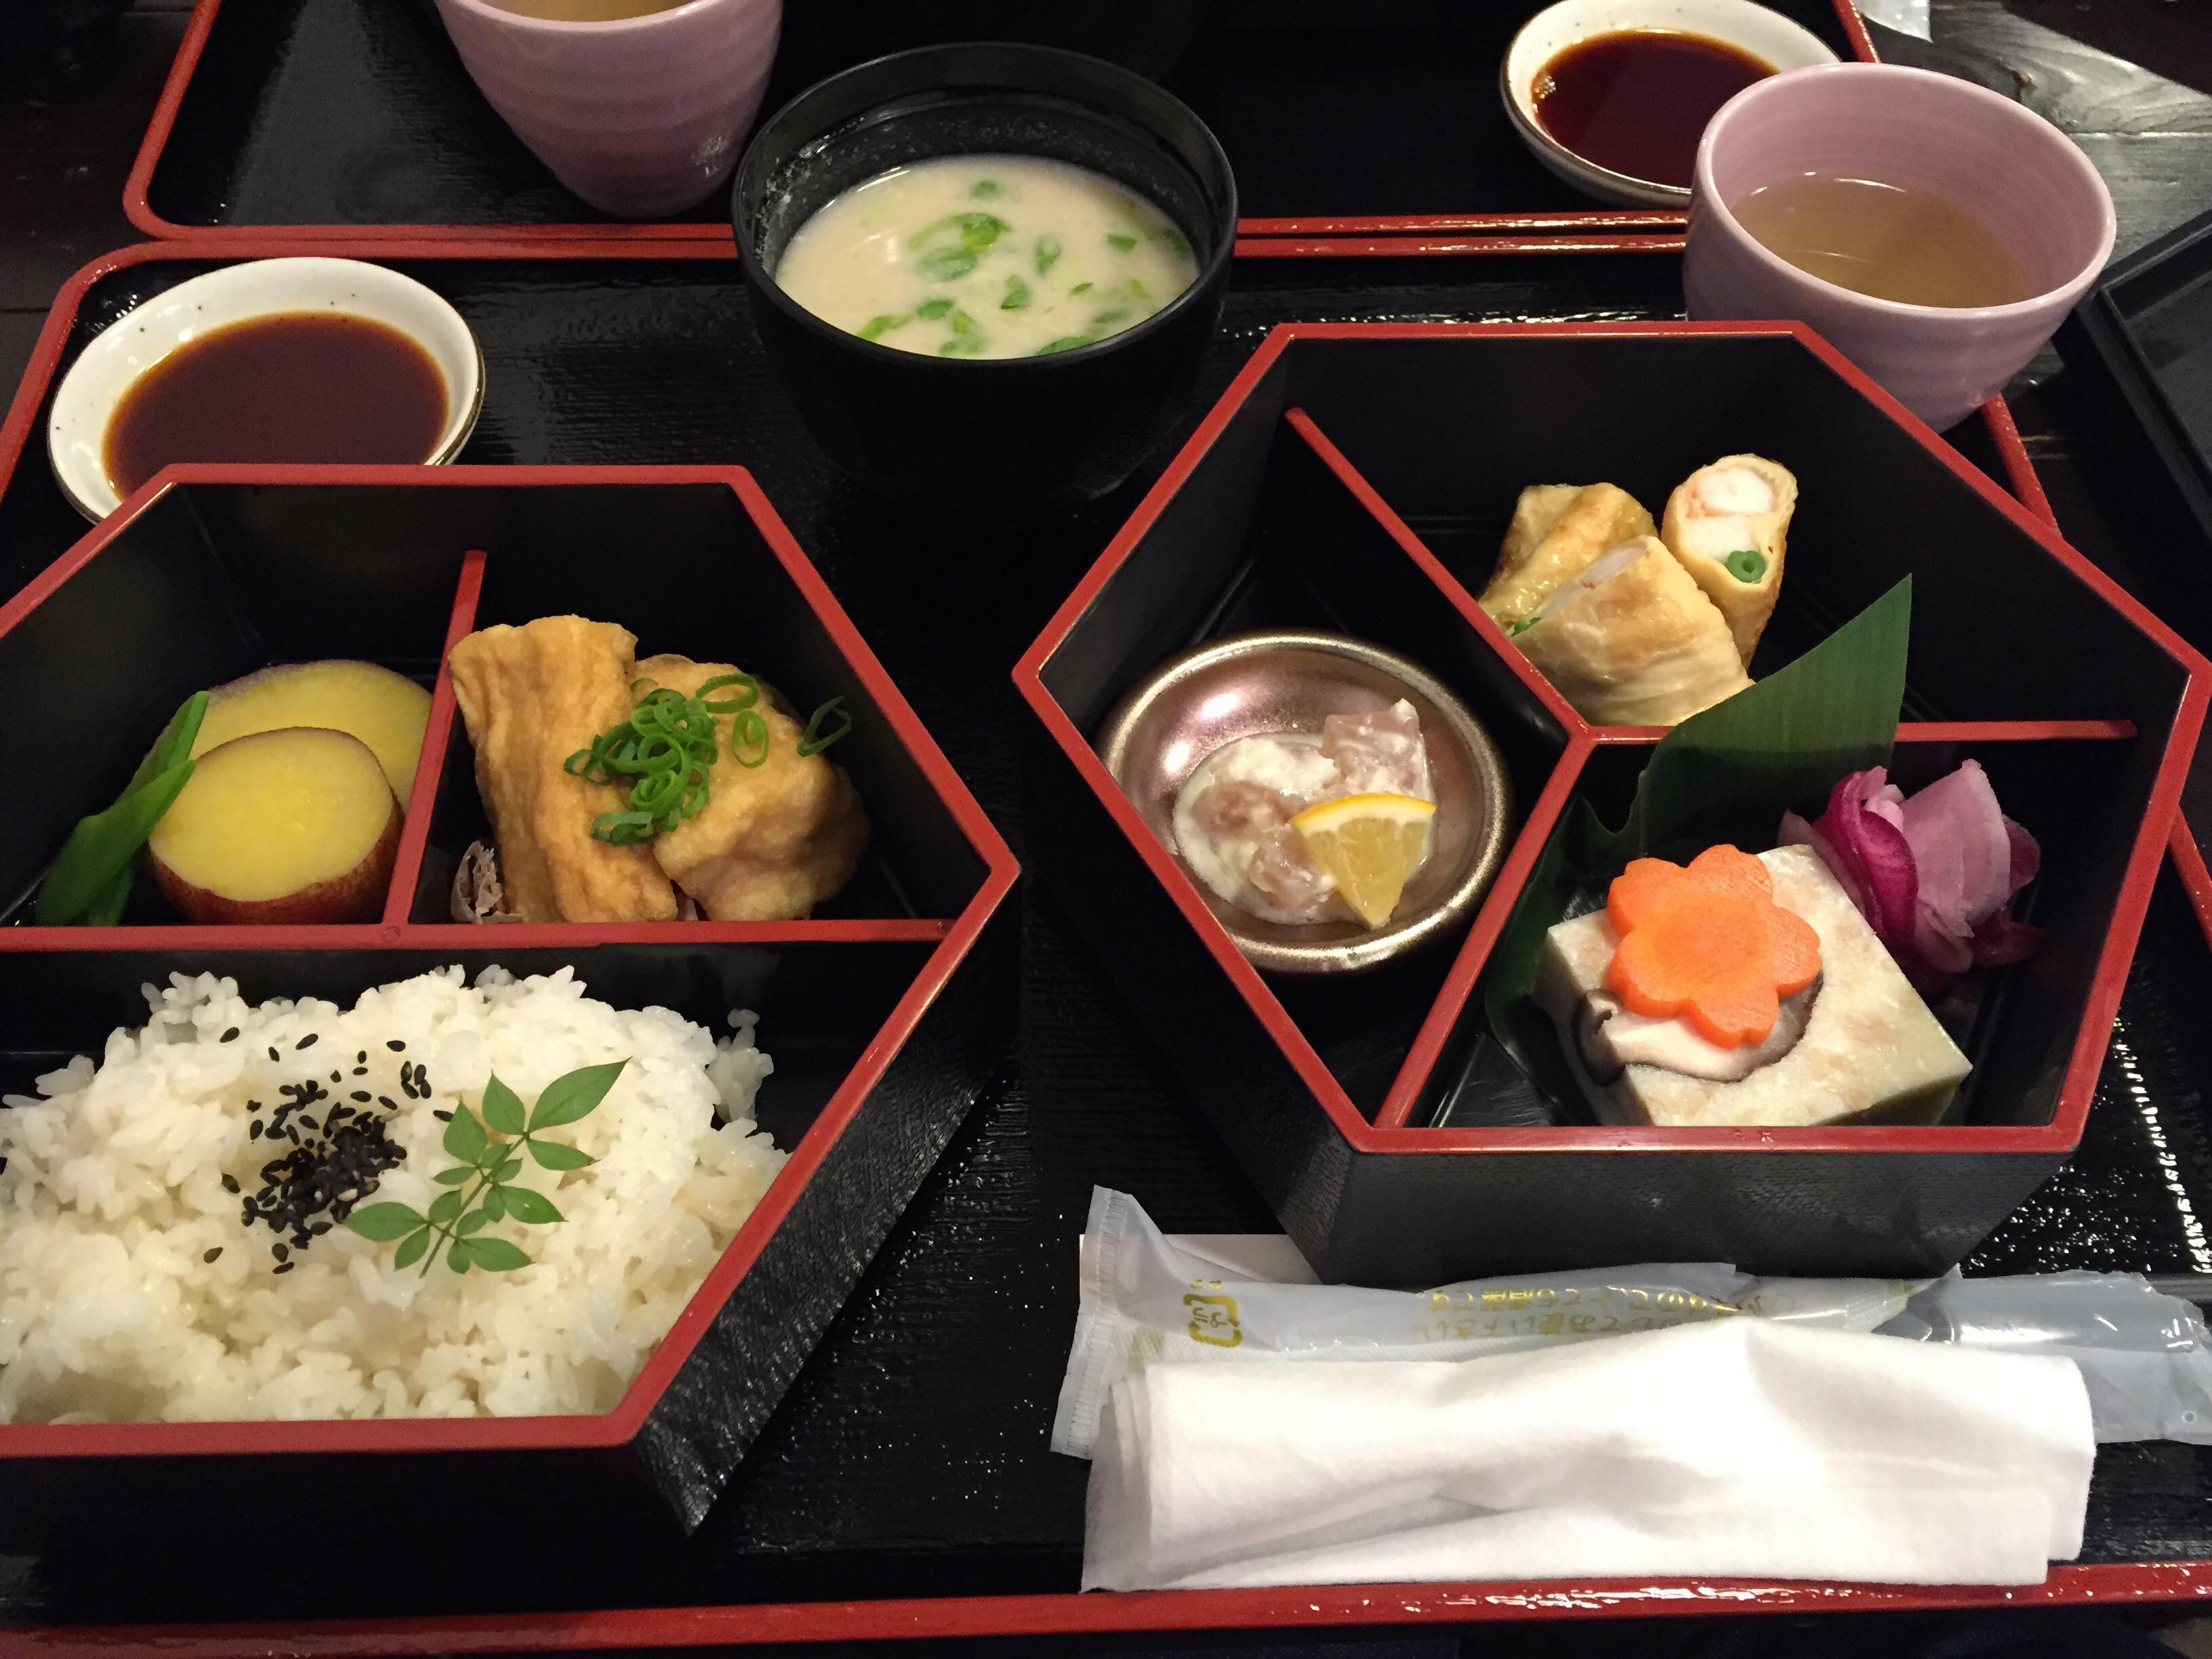 湯浅豆腐店の中食膳(厚揚げや、湯葉でエビと山芋を巻いて焼いたものなど)